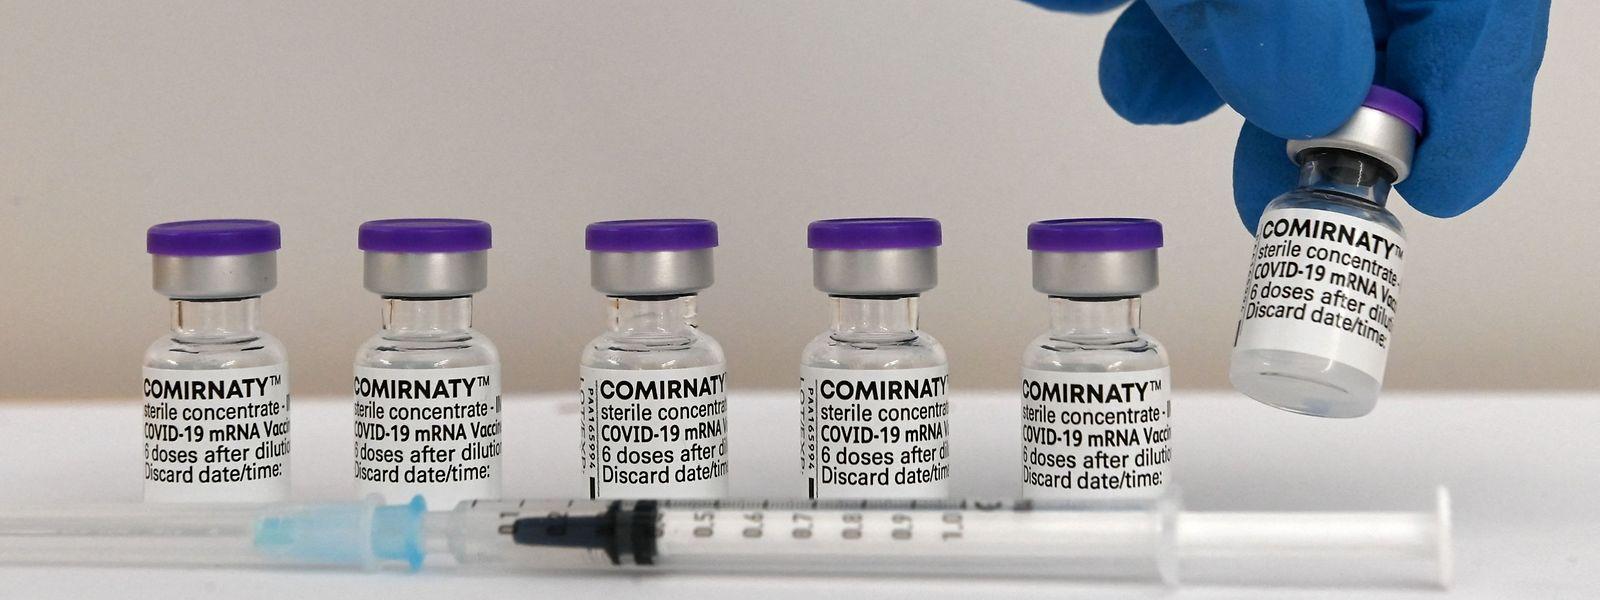 Les cas d'effets indésirables restant largement minoritaires, le gouvernement n'entend pas revoir l'usage fait des quatre vaccins validés par l'Agence européenne des médicaments.